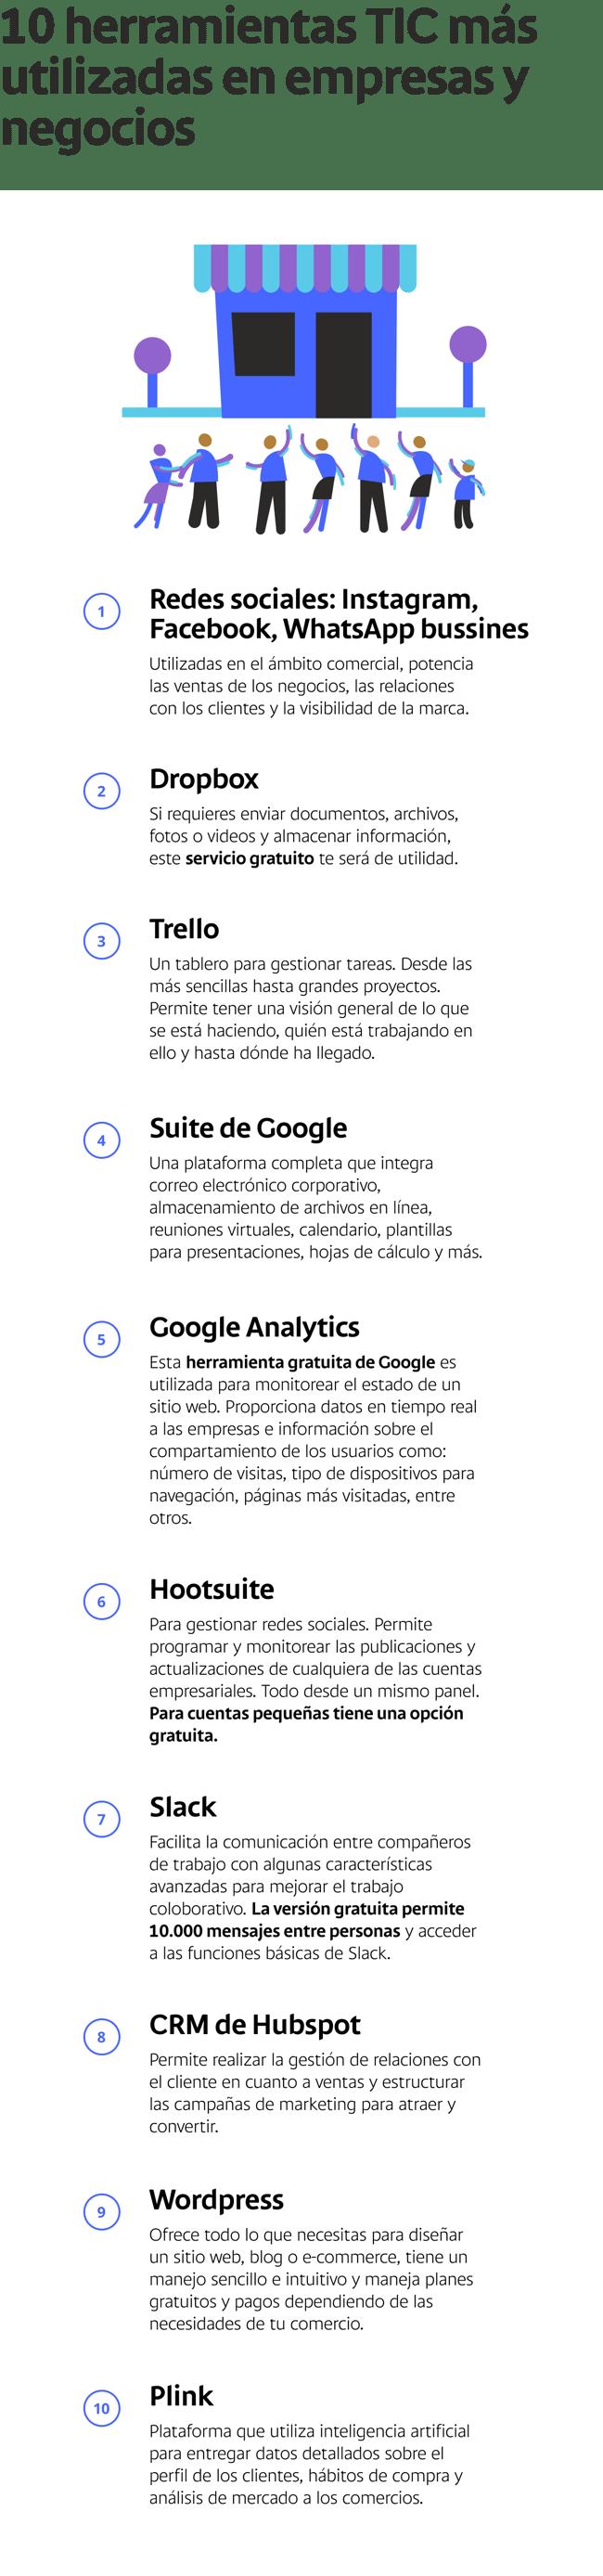 10-herramientas-TIC-más-utilizadas